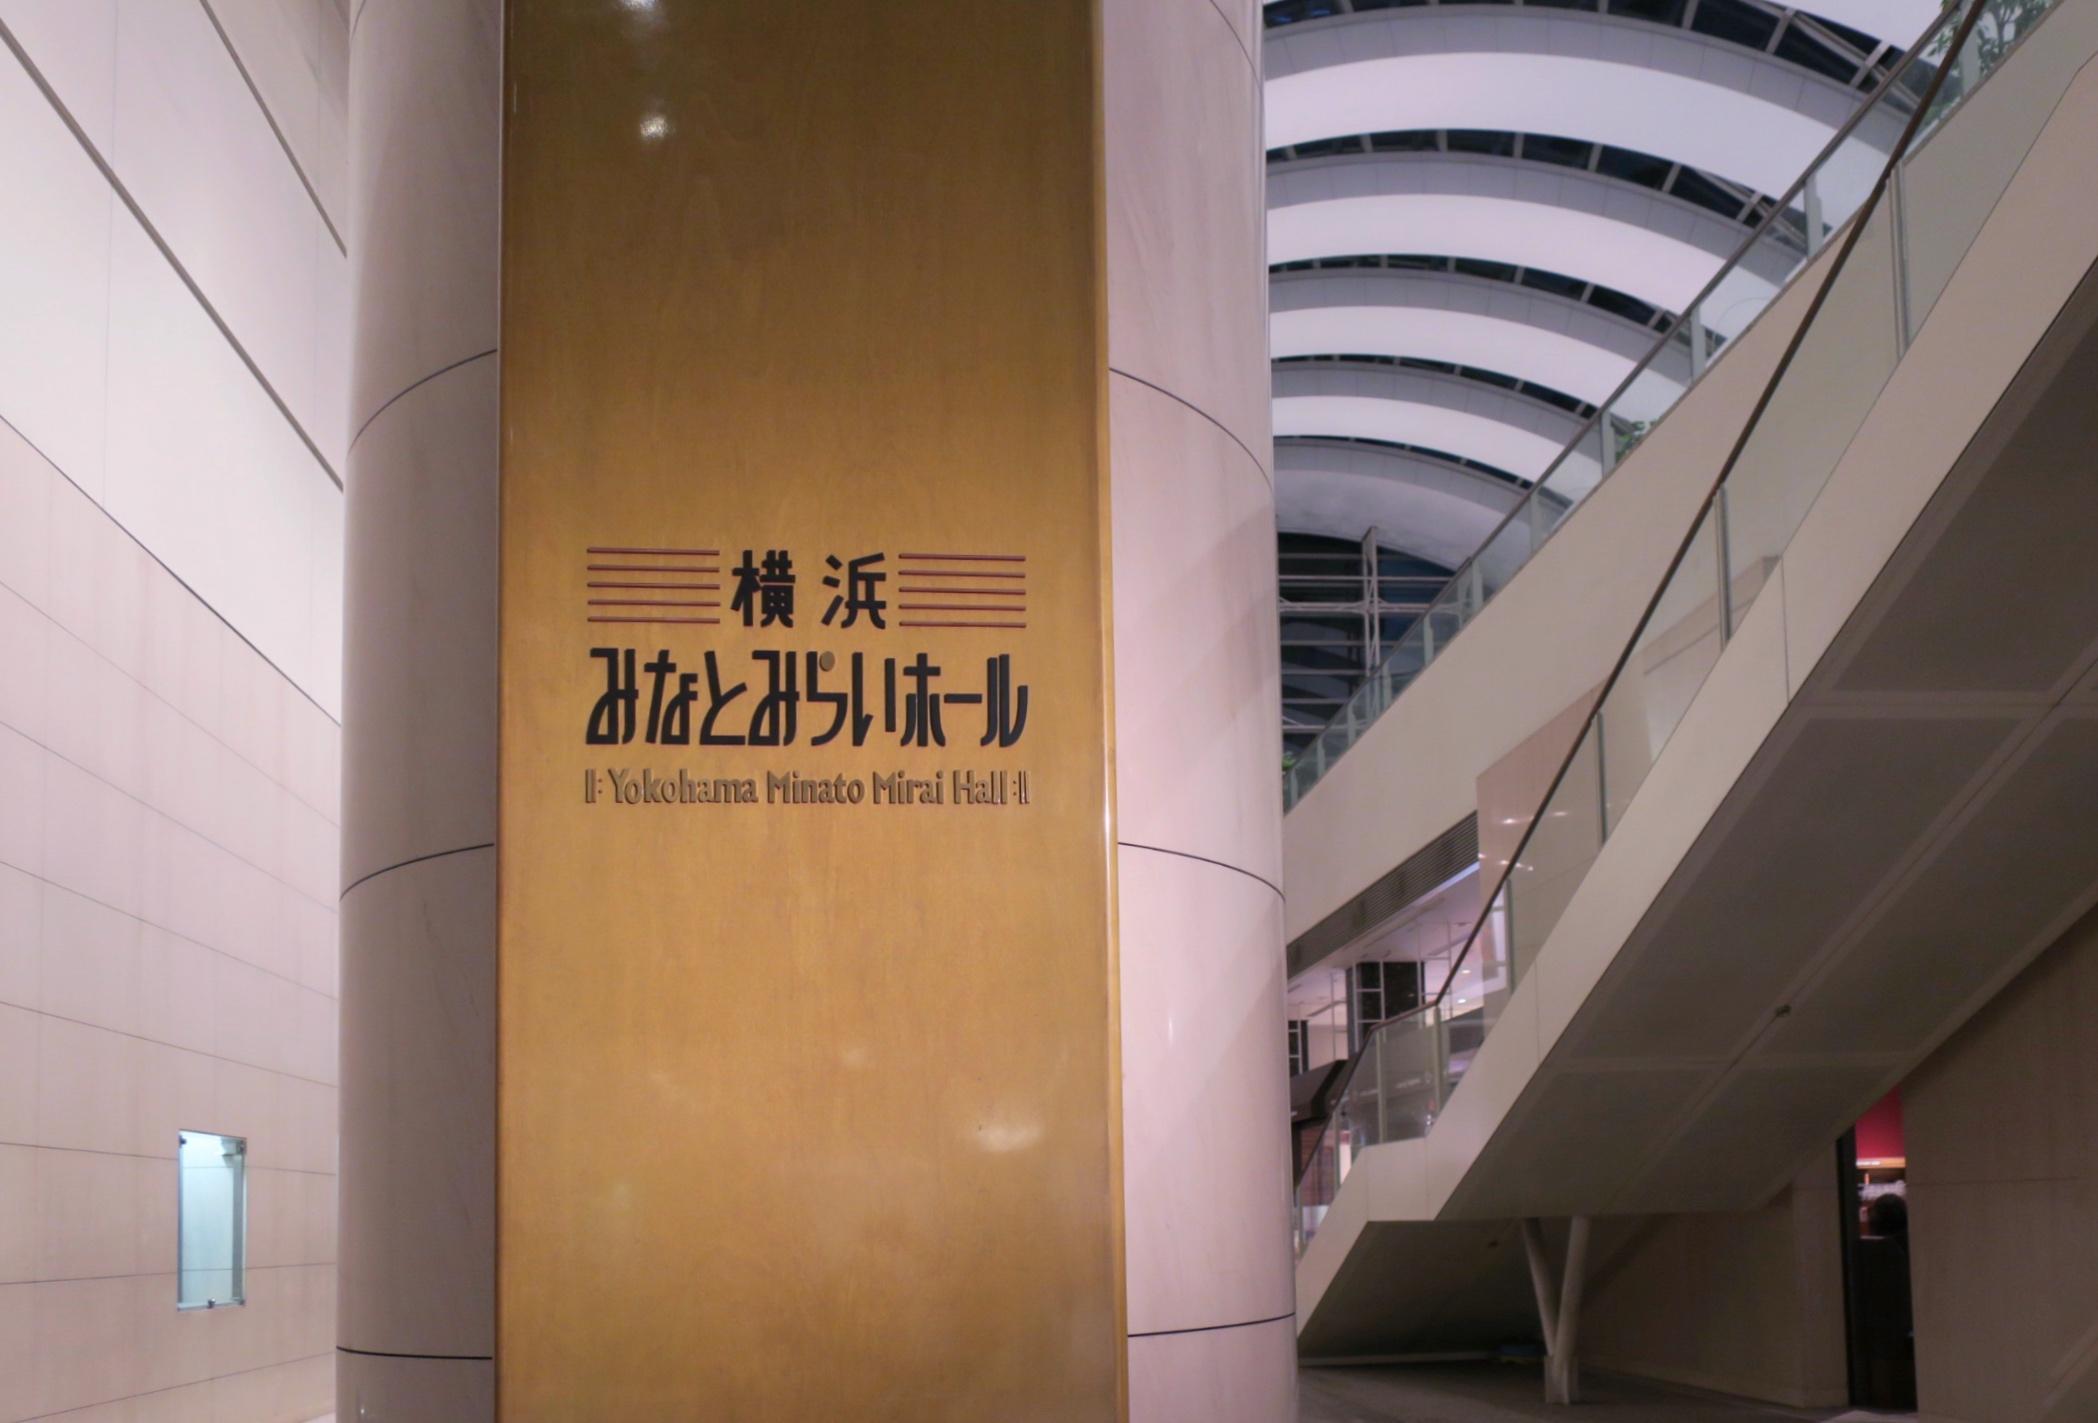 2017.09.23 日フィル 第330回横浜定期演奏会 レポ